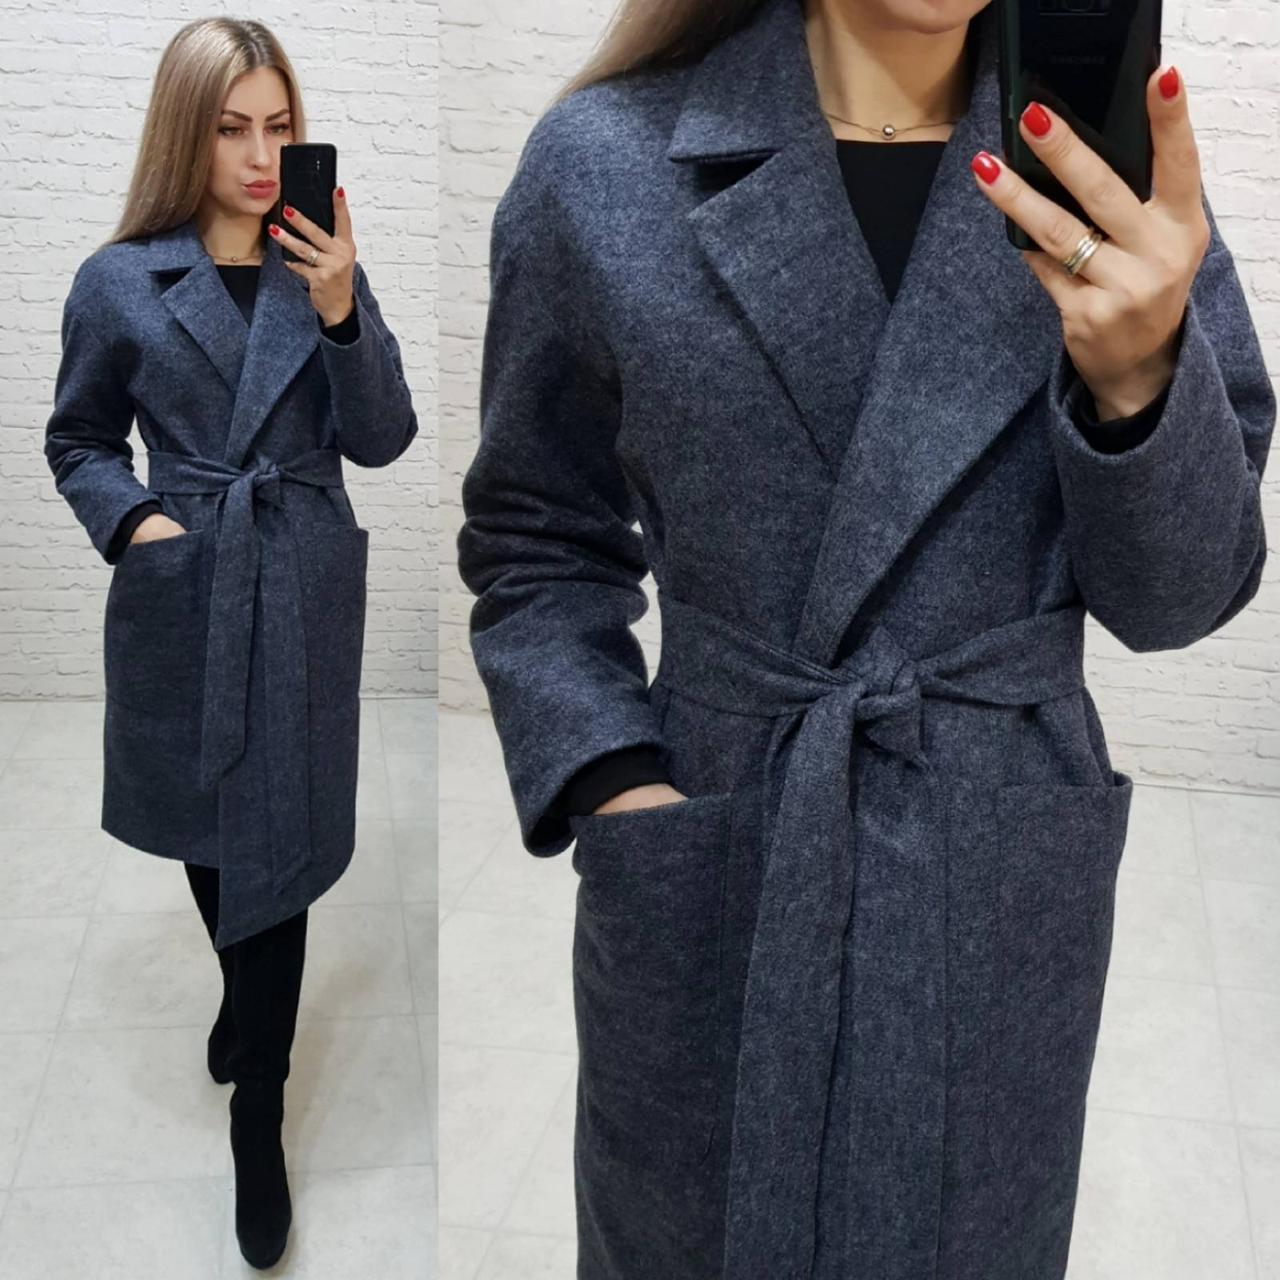 Кашемірове пальто утеплене на запах з кишенями,арт 175, колір чорний з сірим (5)